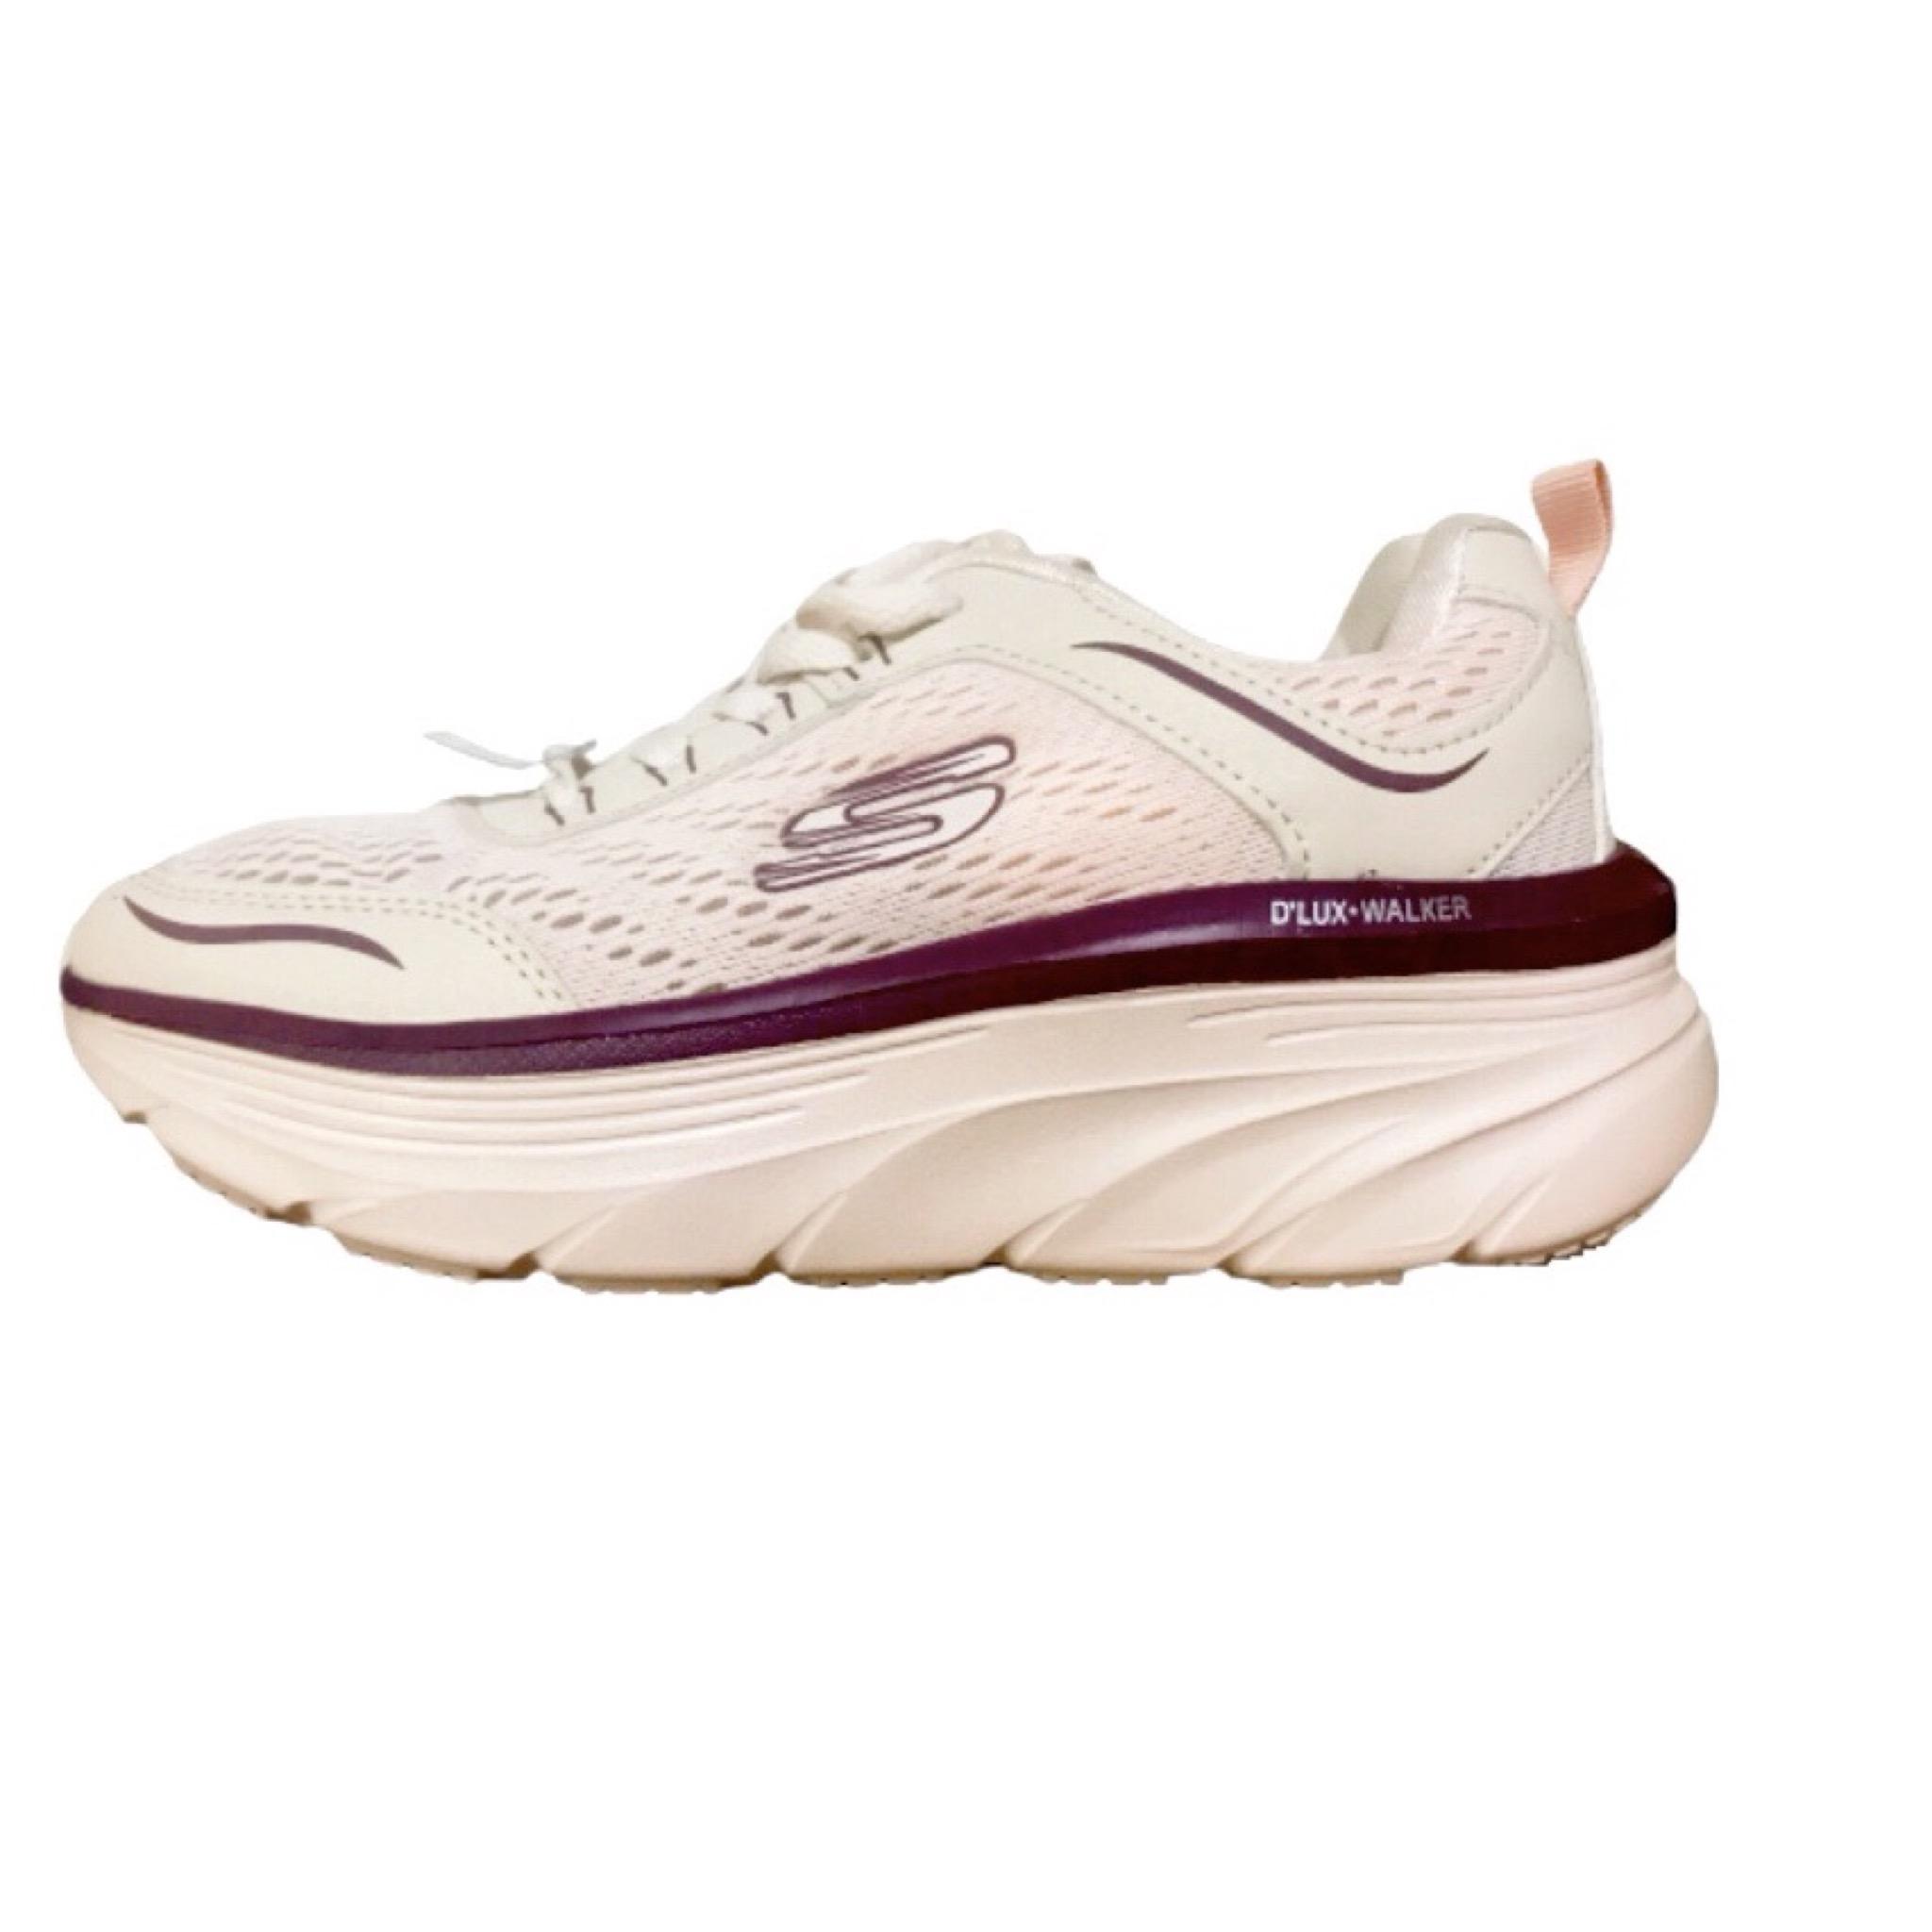 کفش پیاده روی زنانه اسکچرز مدل DLUX